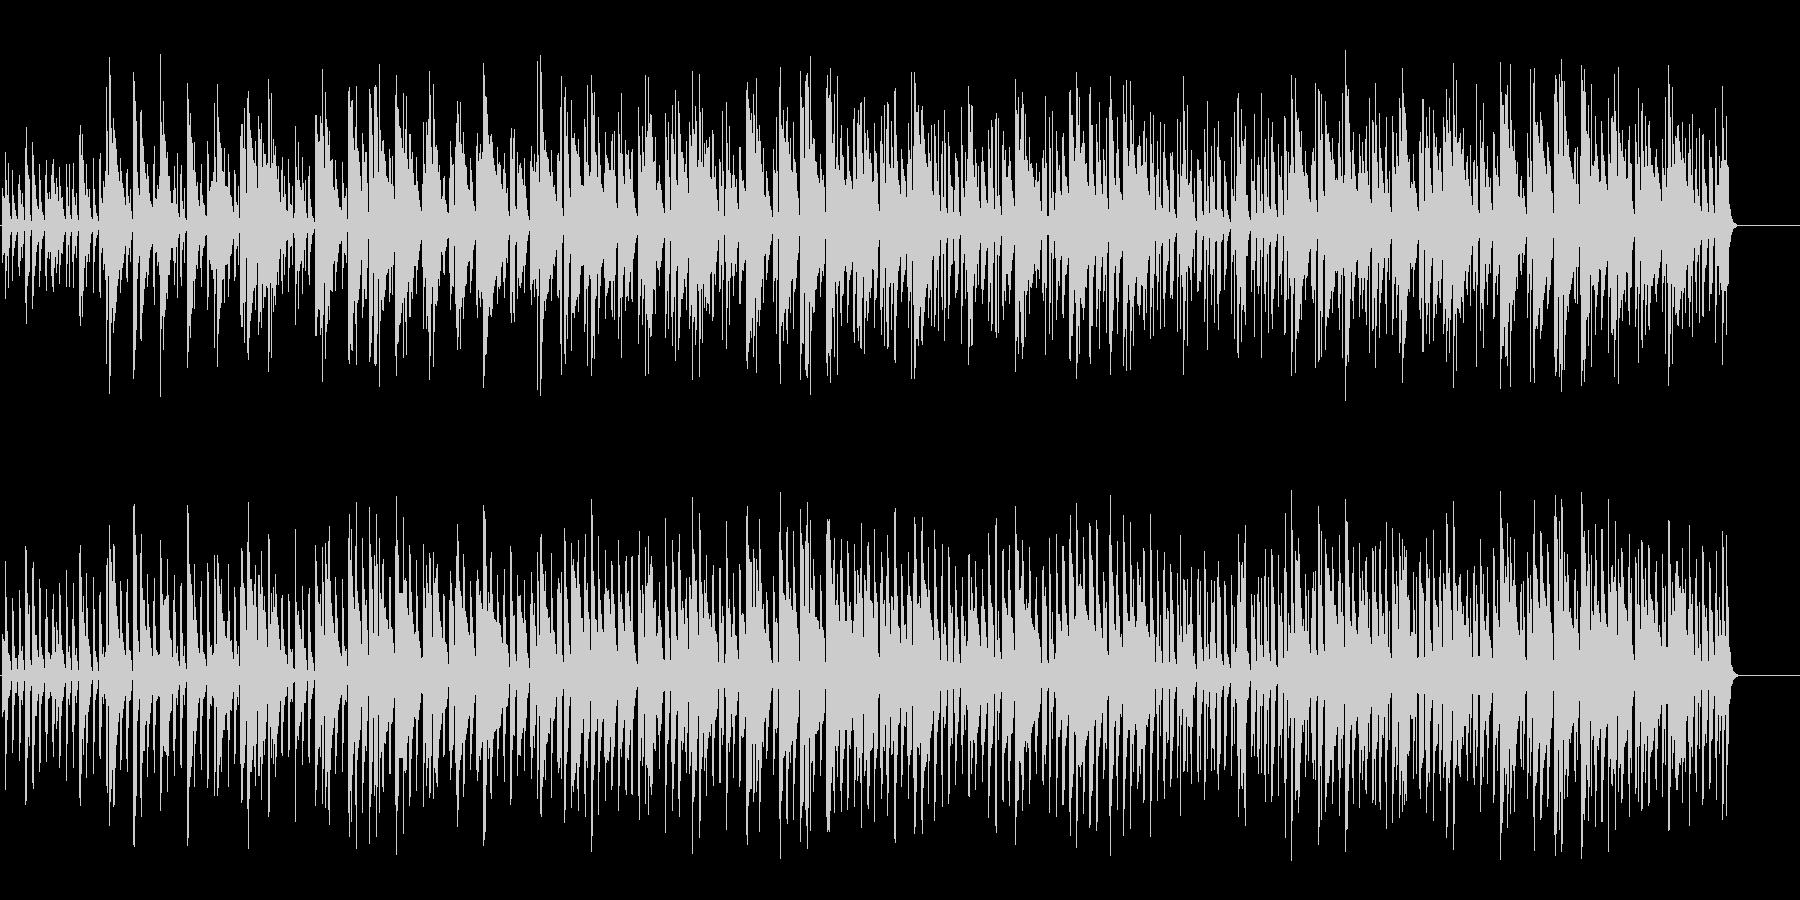 ハネムーン・ムードのボサノバ/ポップの未再生の波形